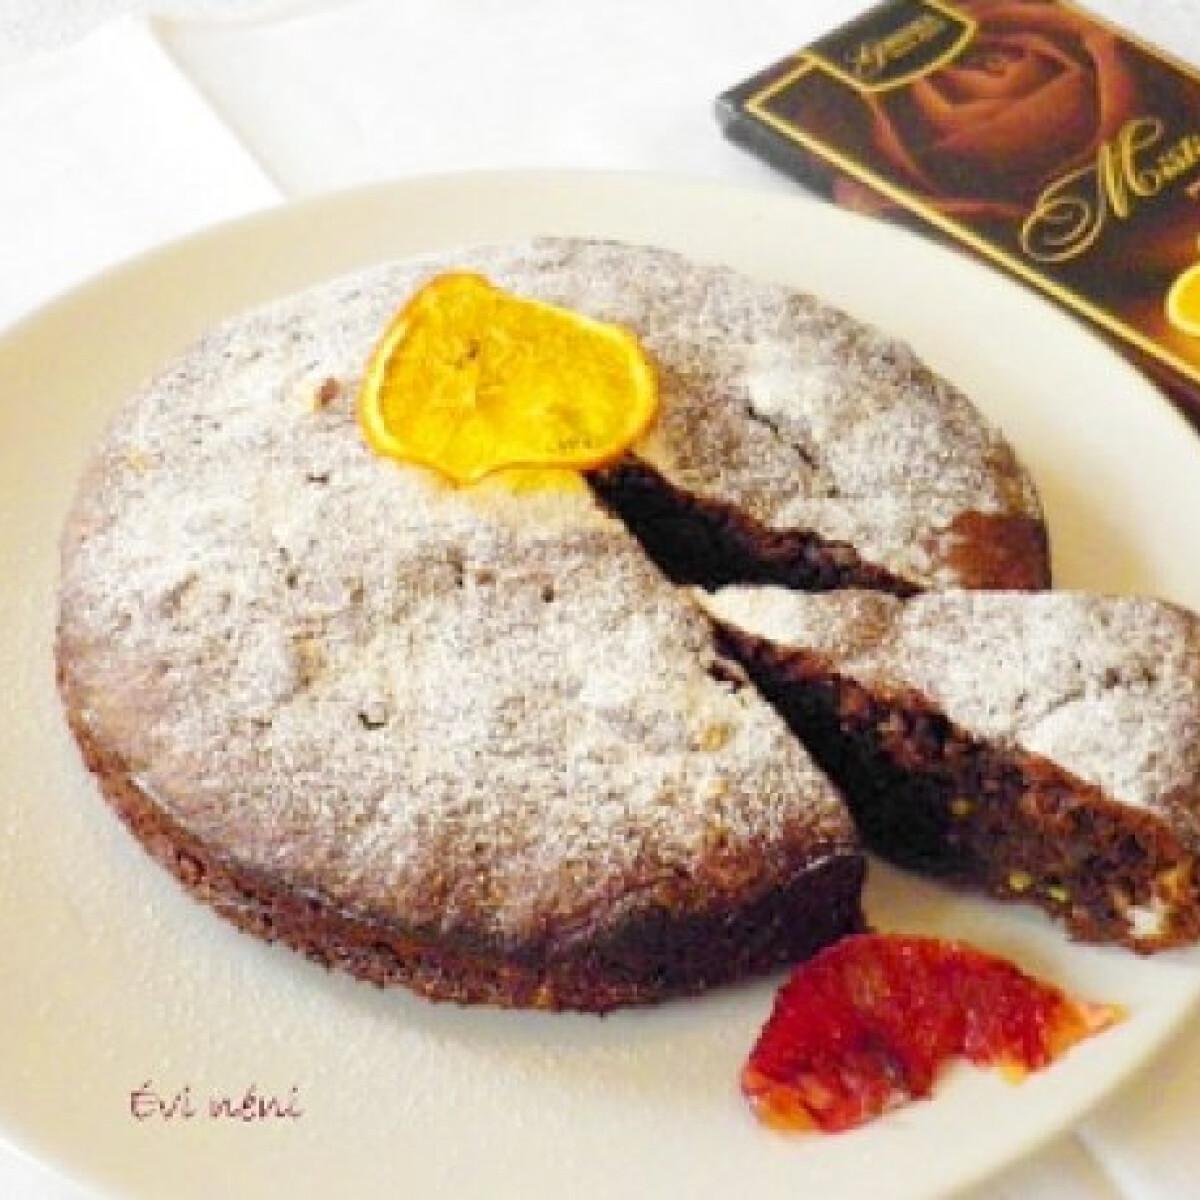 Narancsos-csokoládés torta Évi nénitől